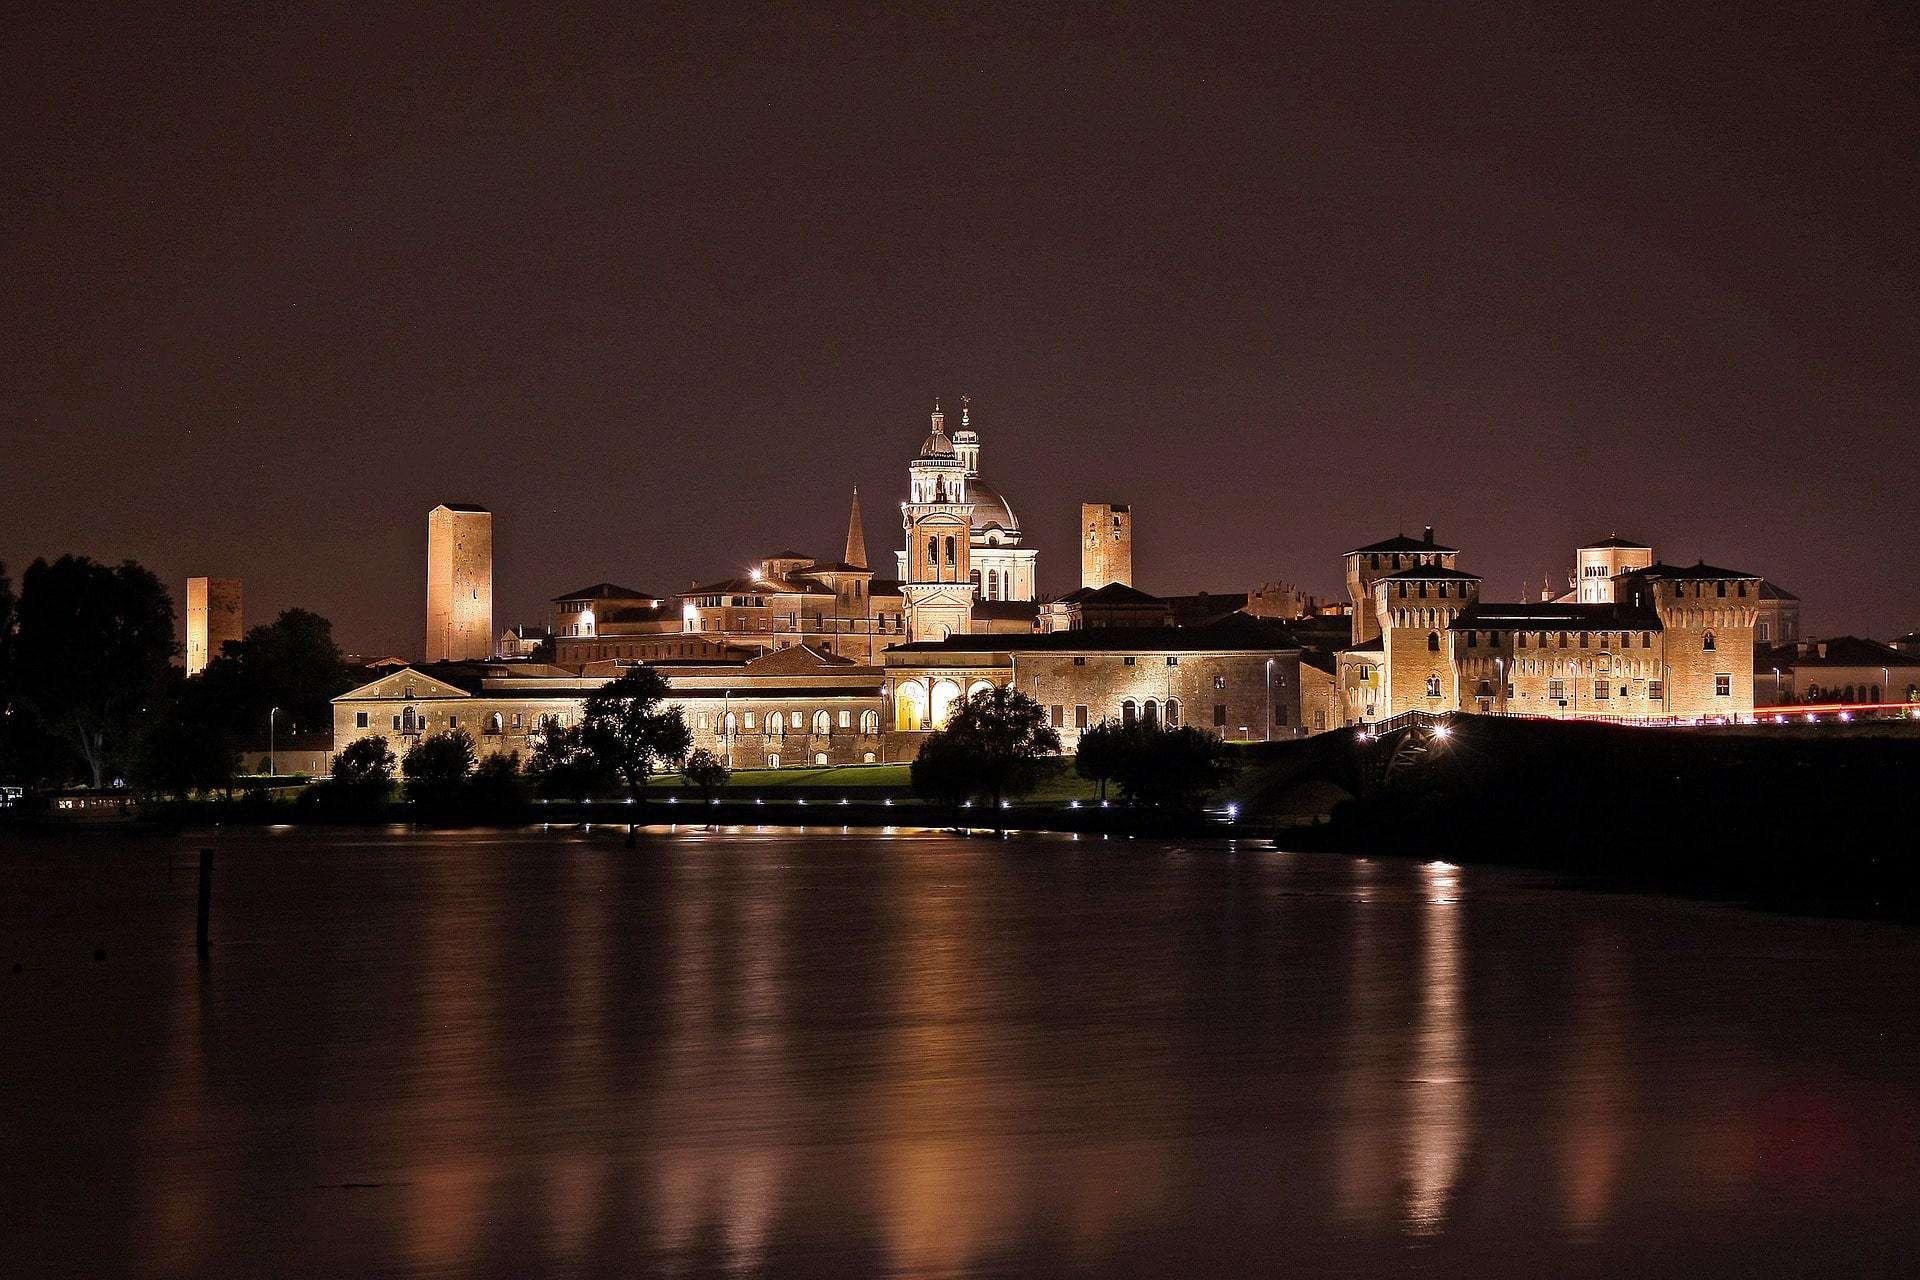 Cosa vedere a Mantova in poche ore: itinerario e luoghi da visitare nel centro storico